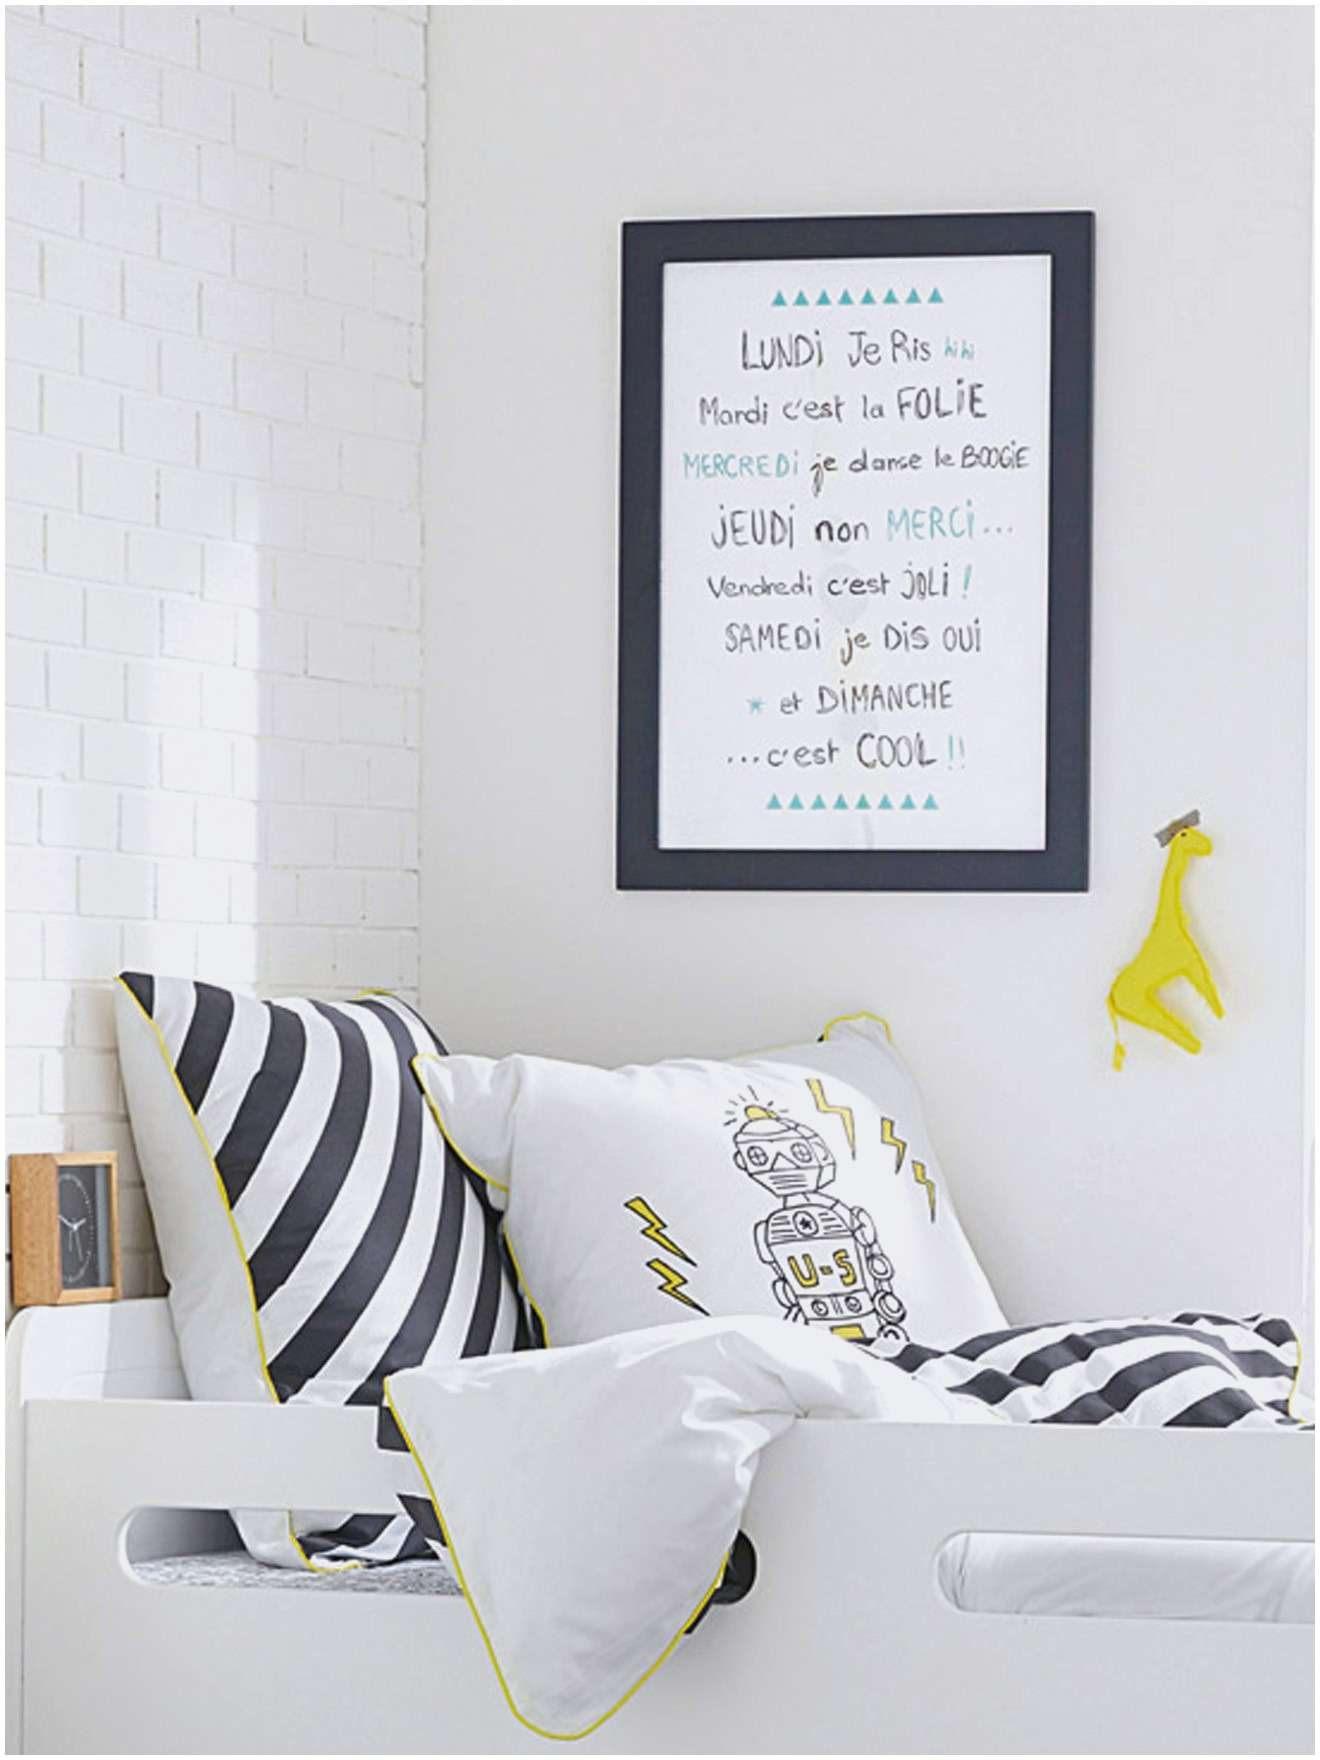 Couverture Lit Bébé Bel Beau Cintre Bébé Ikea Frais Parc B C3 A9b C3 A9 Gris Parer] 100 Pour